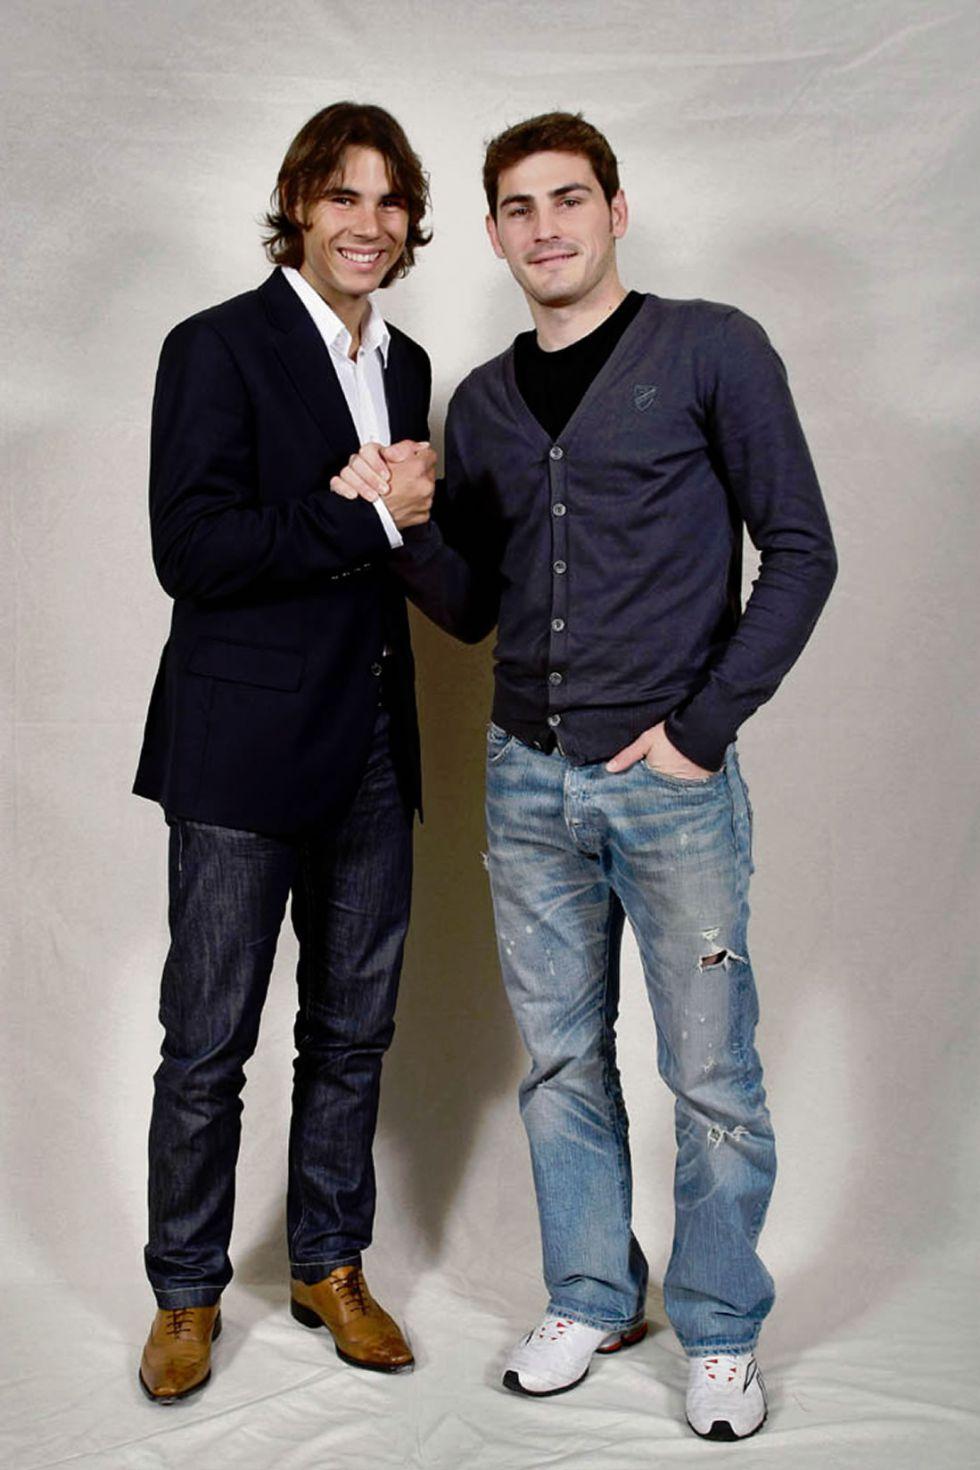 ¿Cuánto mide Rafa Nadal? - Real height 1379927879_083877_1379928015_noticia_grande